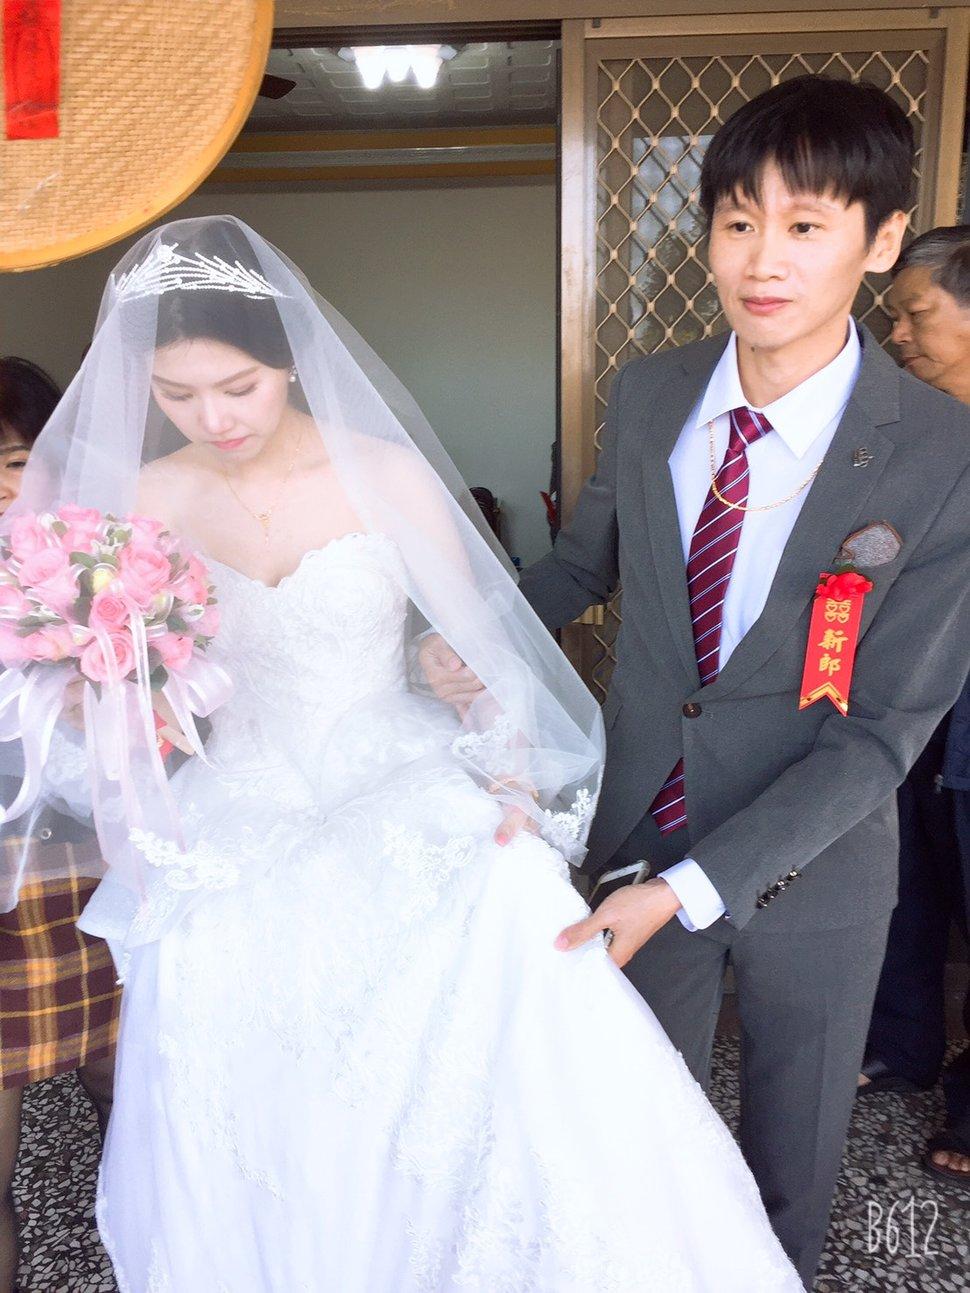 IMG_6009 - 幸福結婚禮車出租《結婚吧》